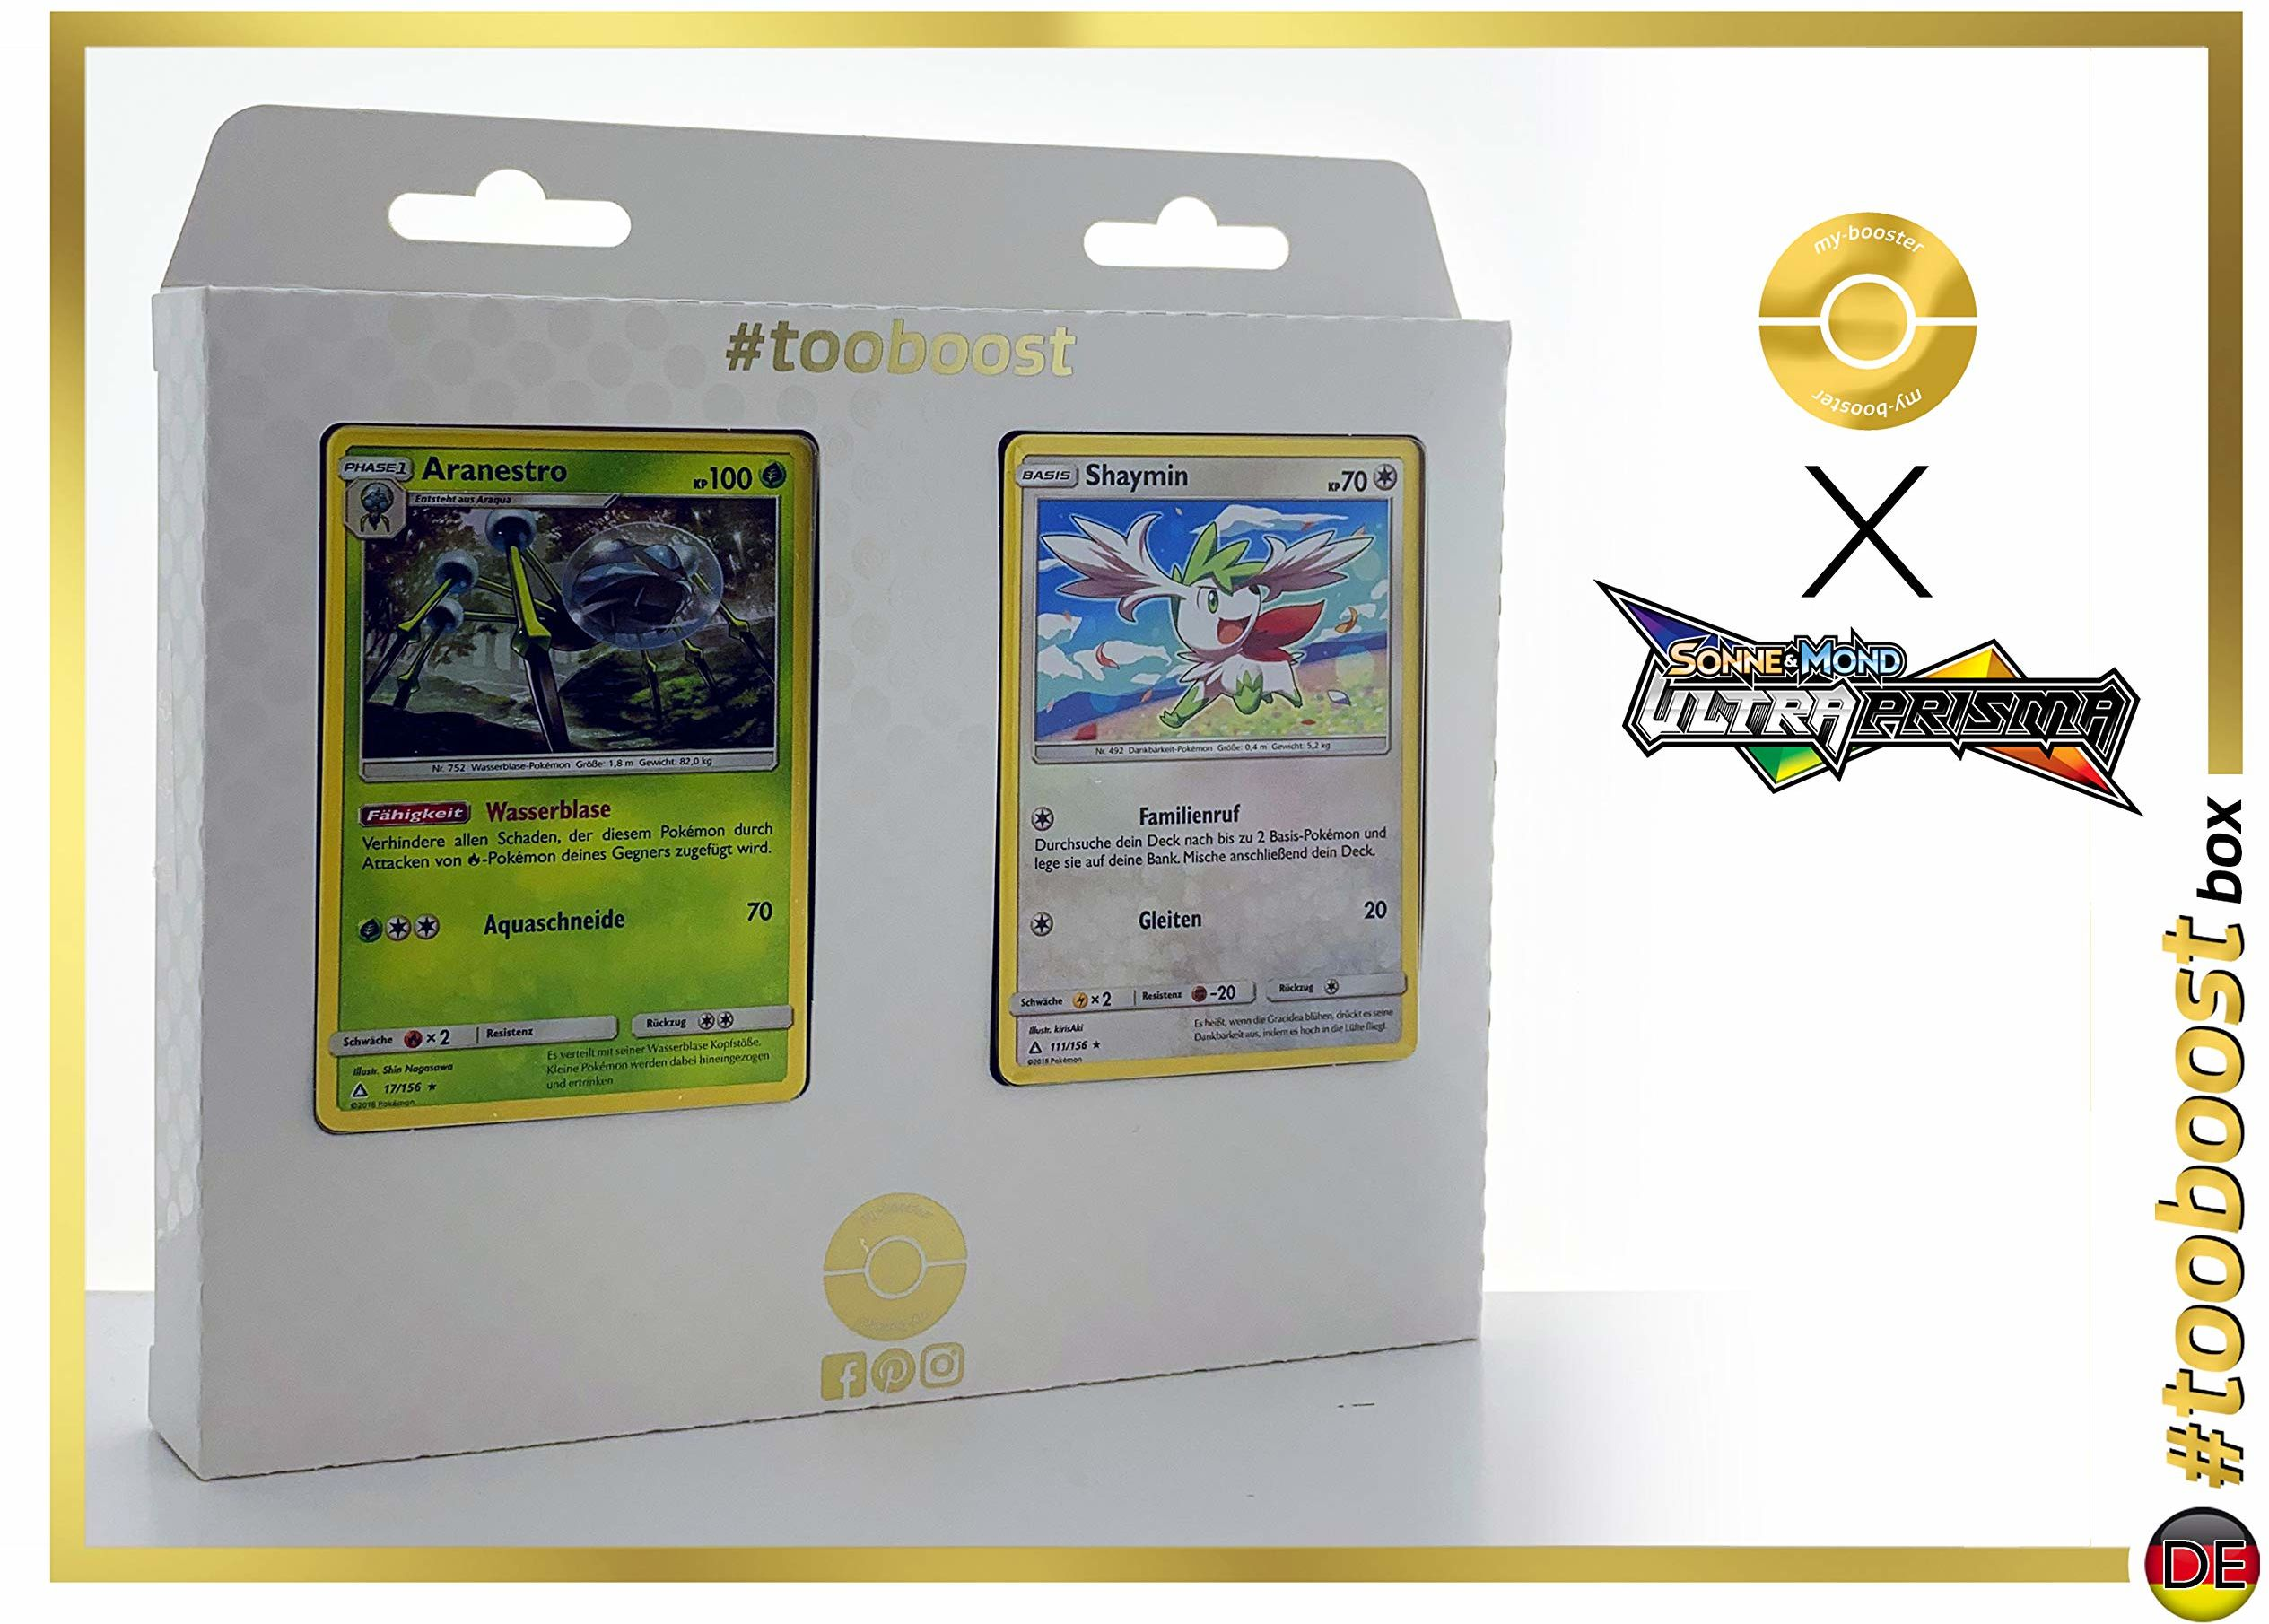 Aranestro (trarenbulle) 17/156 i Shaymin 111/156 - #tooboost X słońce i księżyc 5 ultra pryzmatów - zestaw z 10 niemieckimi kartami Pokémon + 1 Goodie Pokémon.